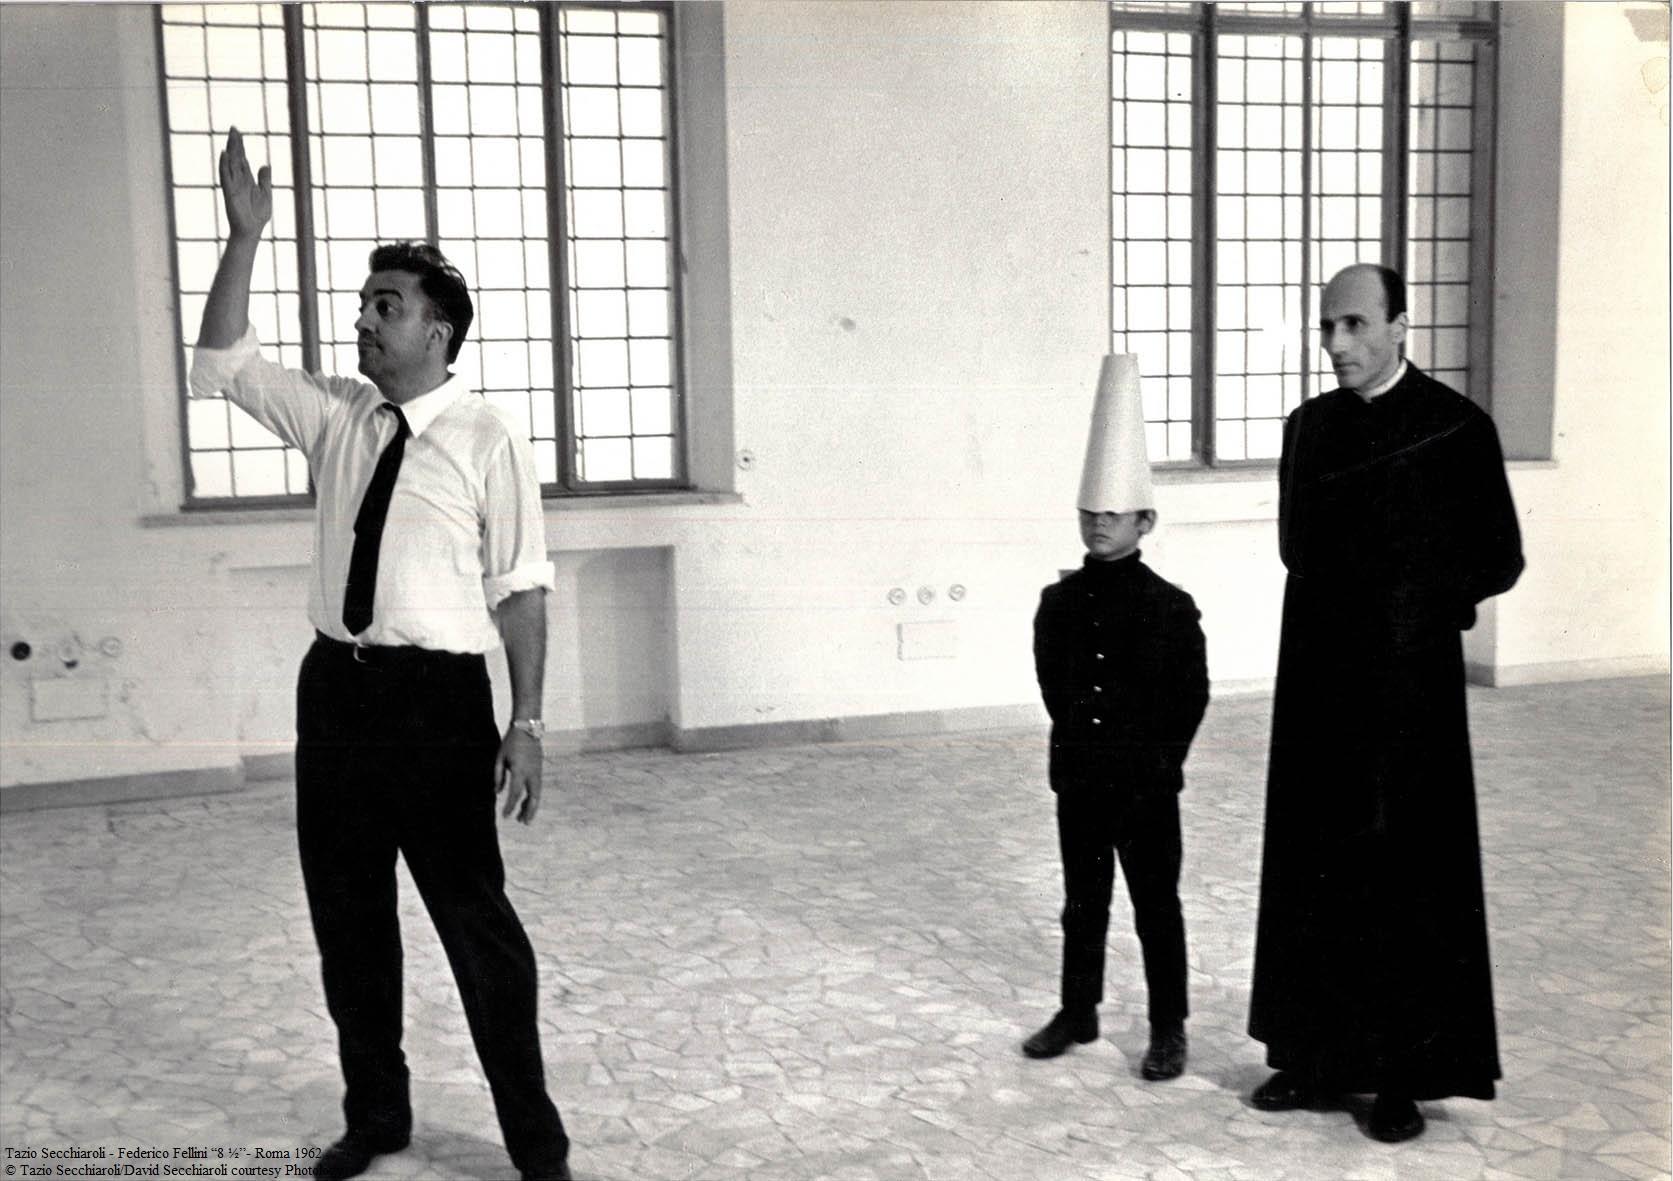 8-e-mezzo-Federico-Fellini-Tazio-secchiaroli-neropsinto-gallery ...